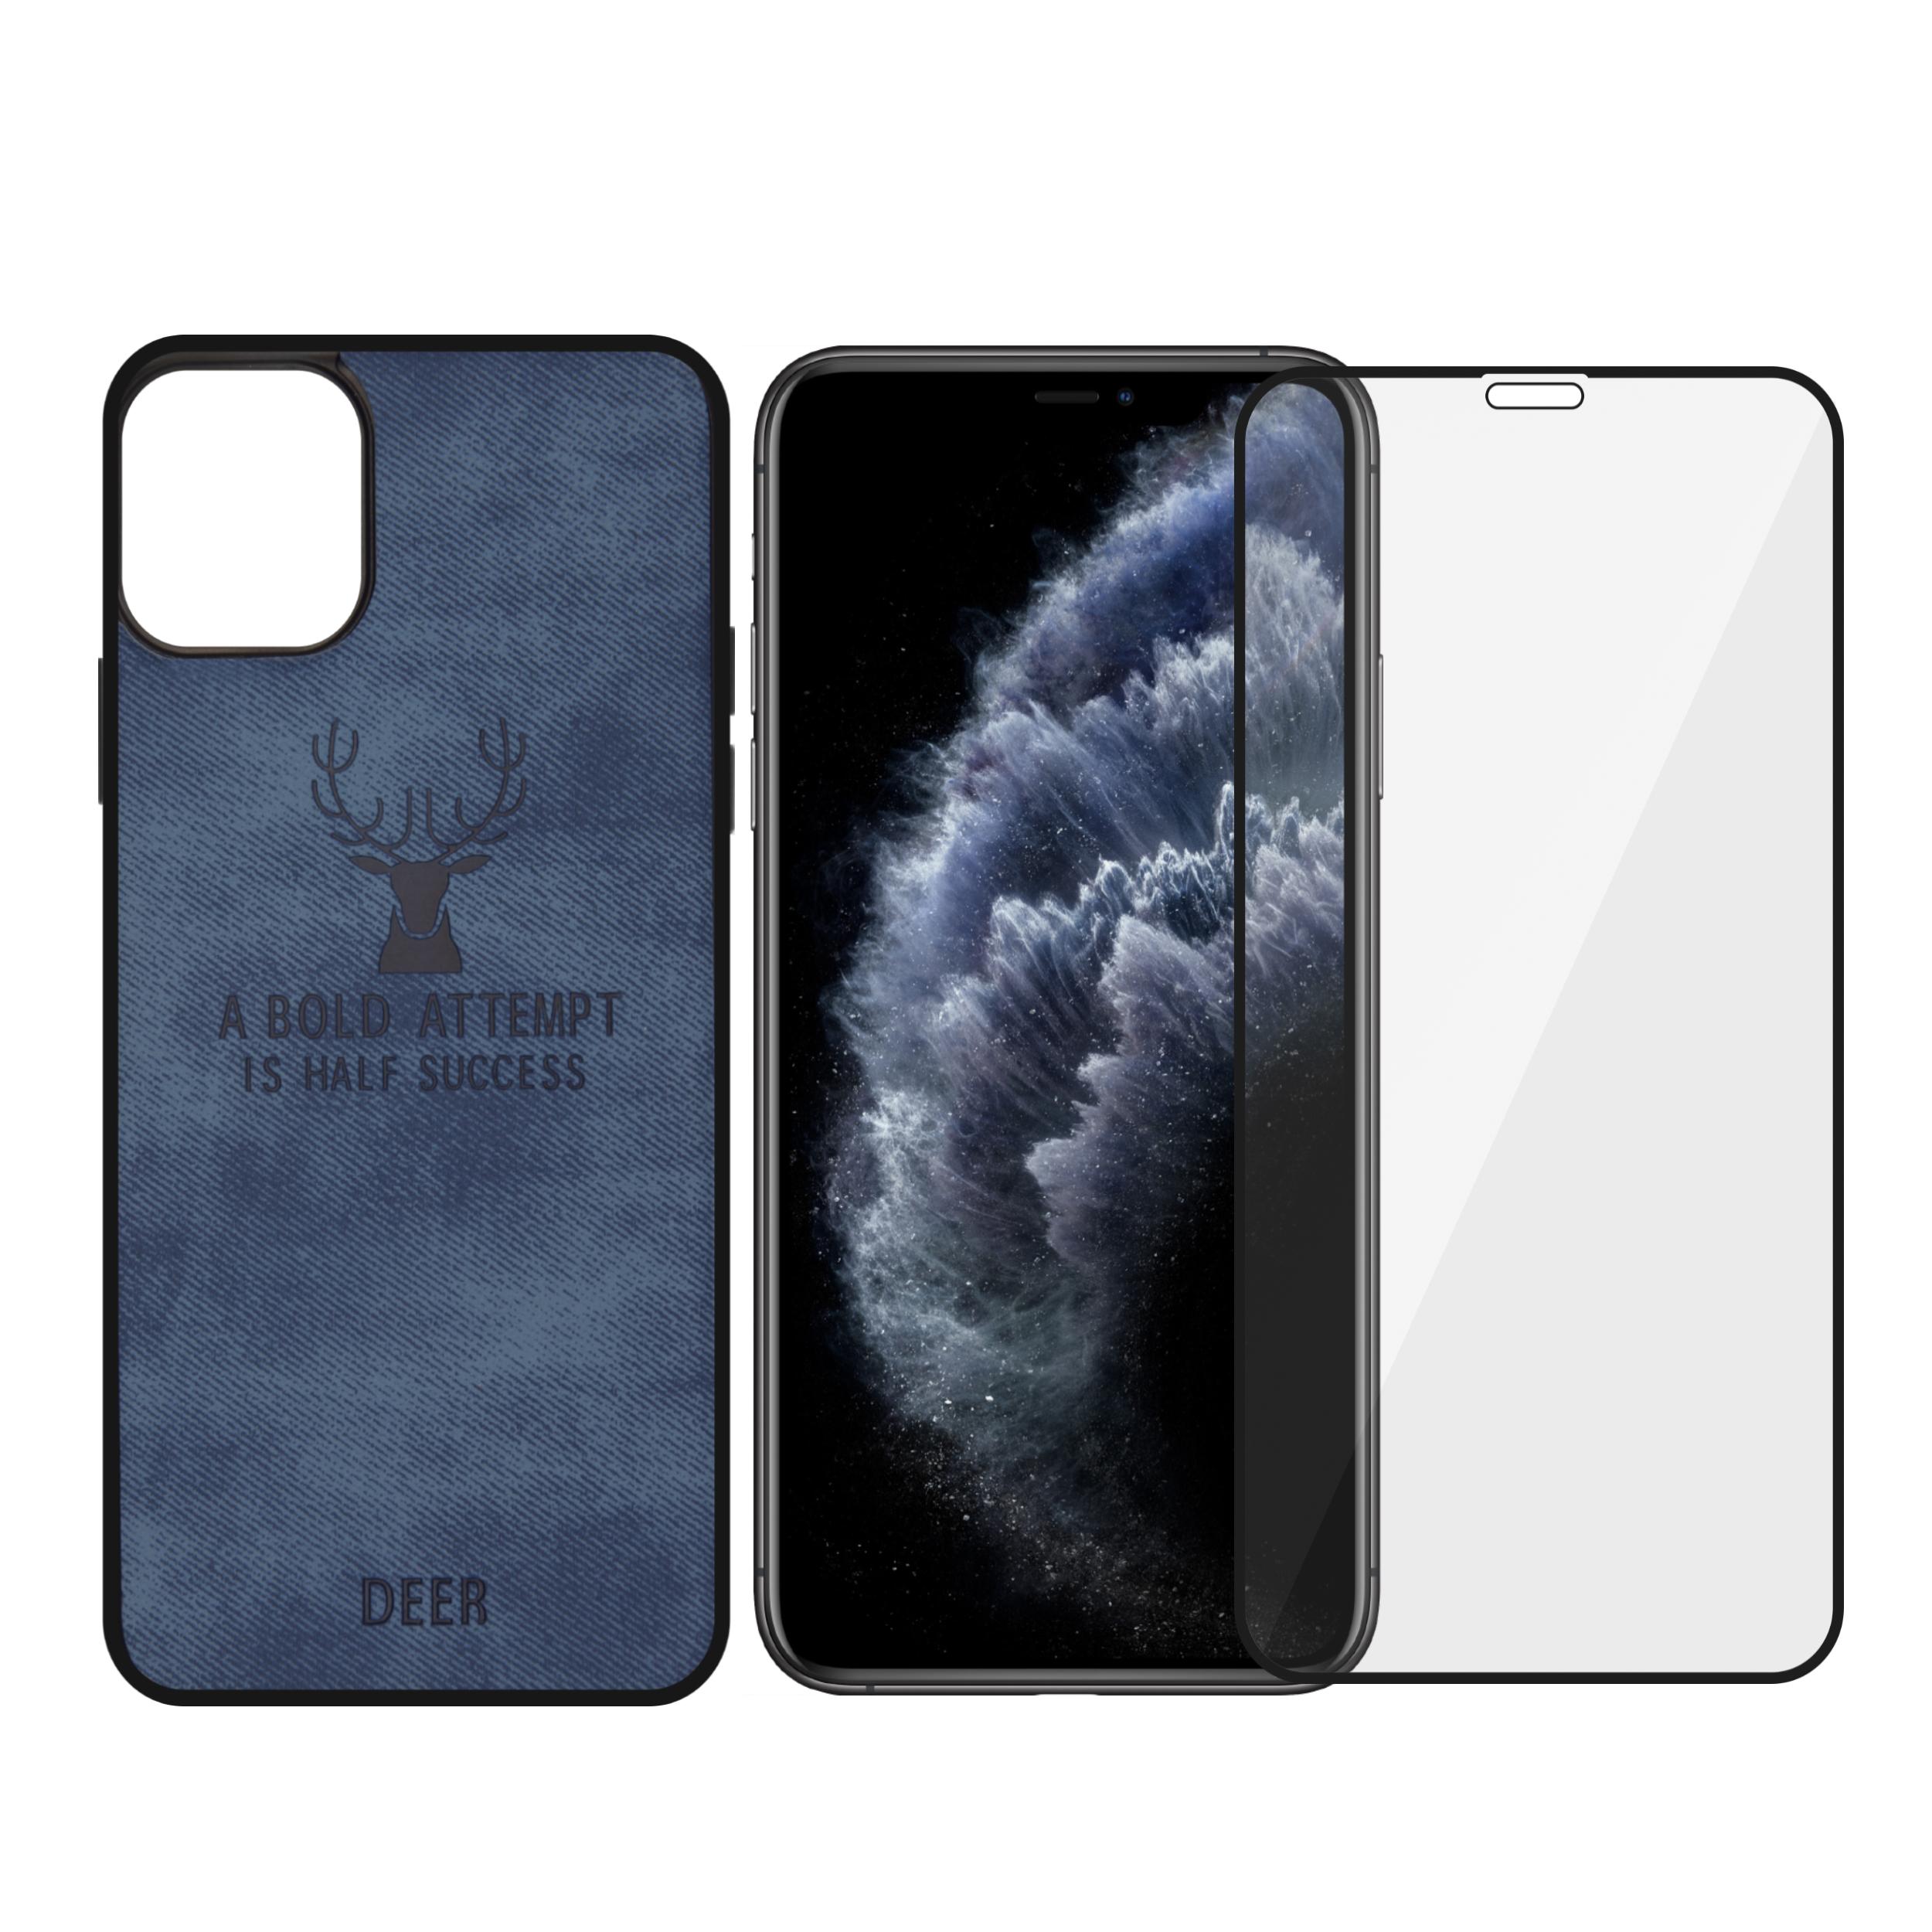 کاور سومگ مدل SMG-CG مناسب گوشی موبایل اپل iPhone 11  به همراه محافظ صفحه نمایش              ( قیمت و خرید)